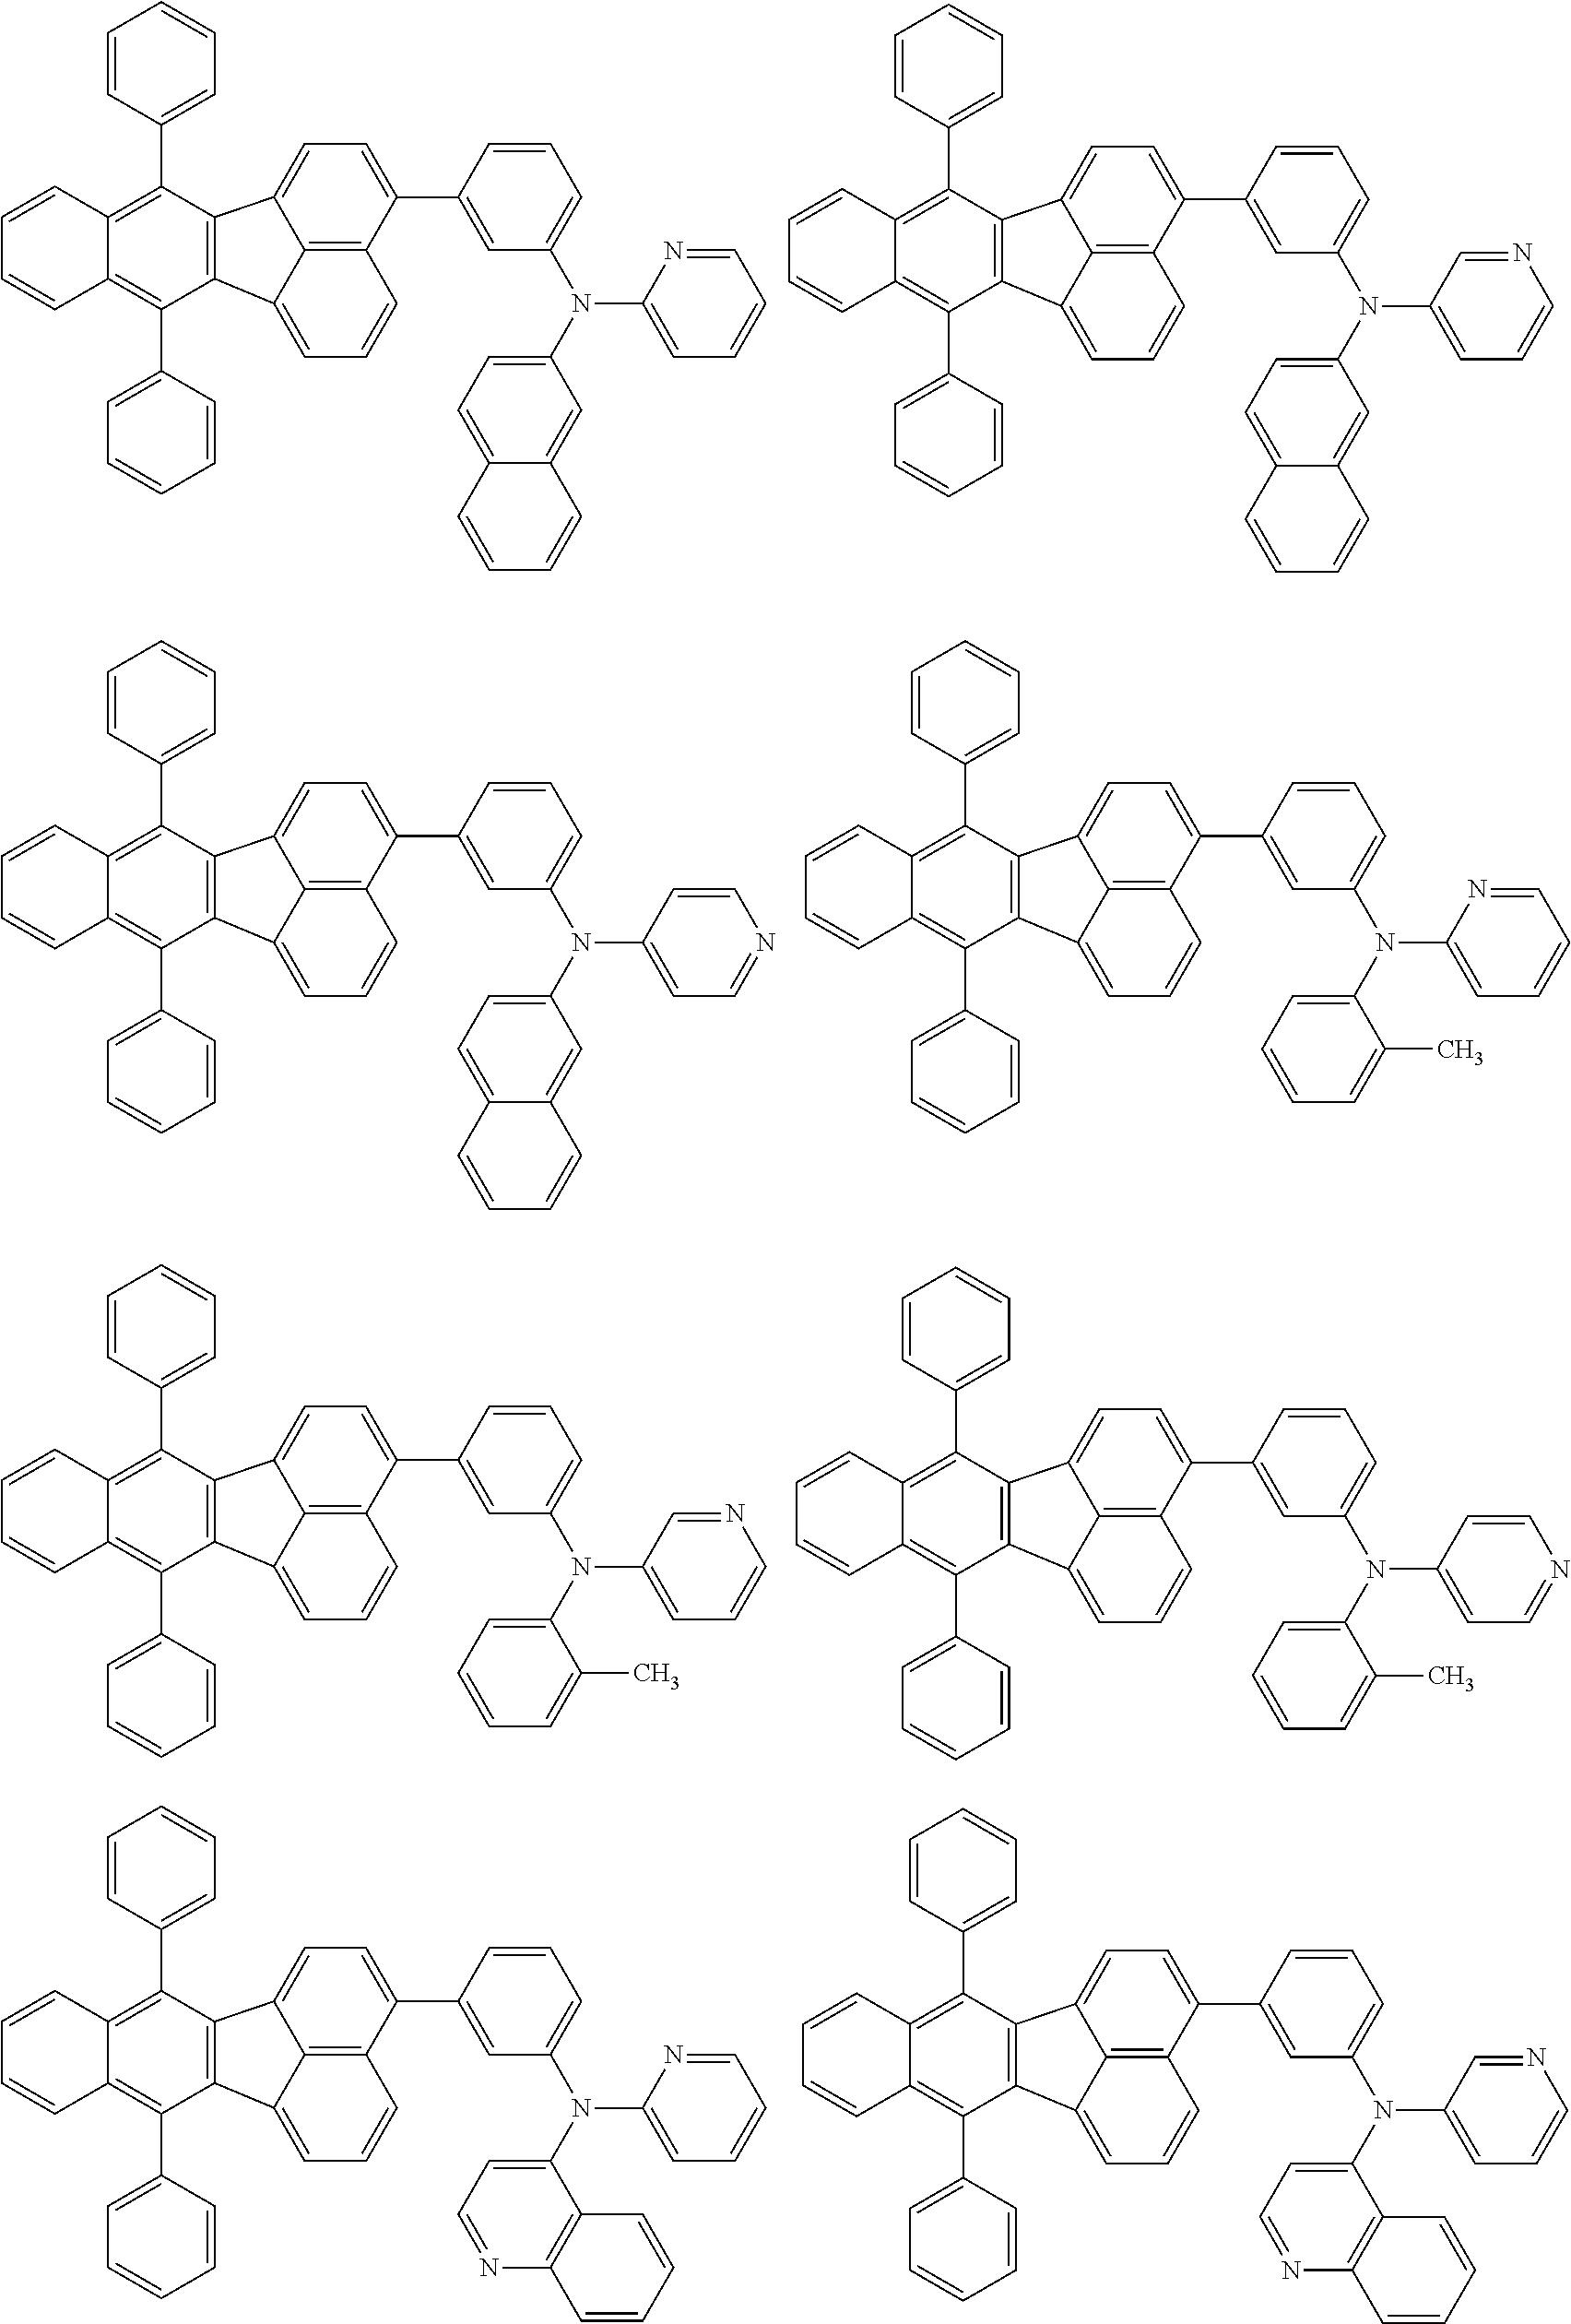 Figure US20150280139A1-20151001-C00070